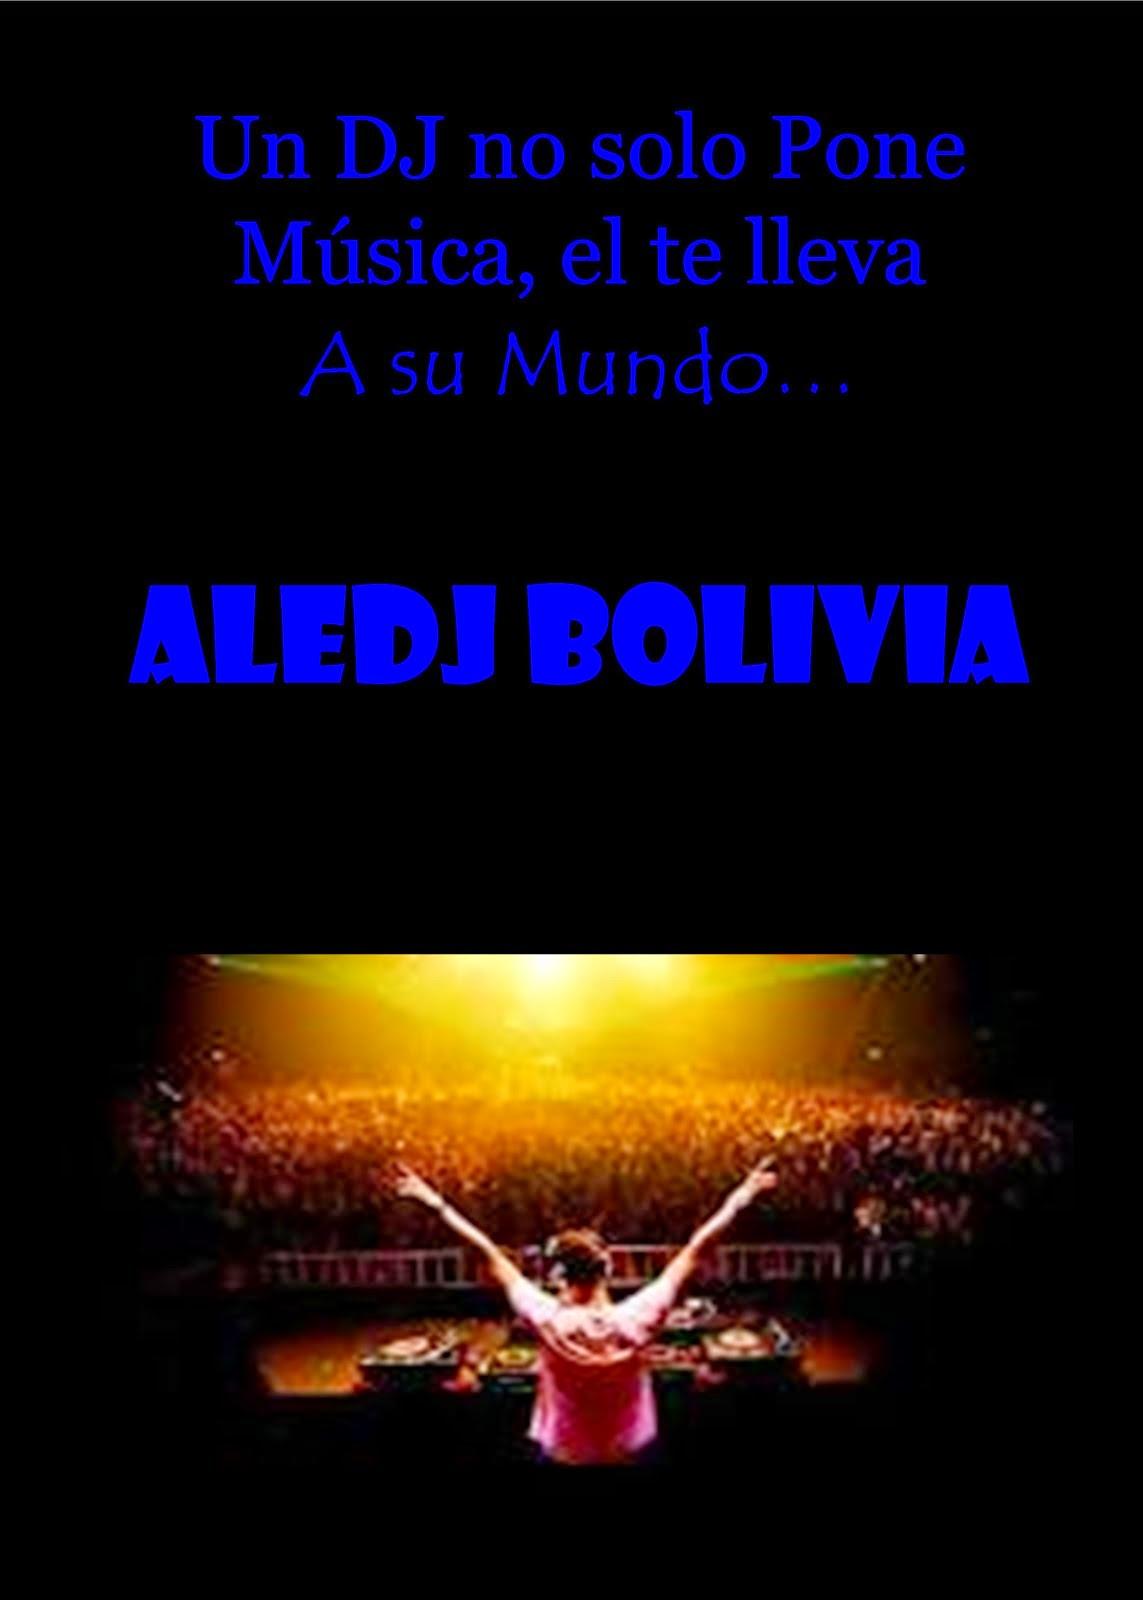 ALEDJ BOLIVIA